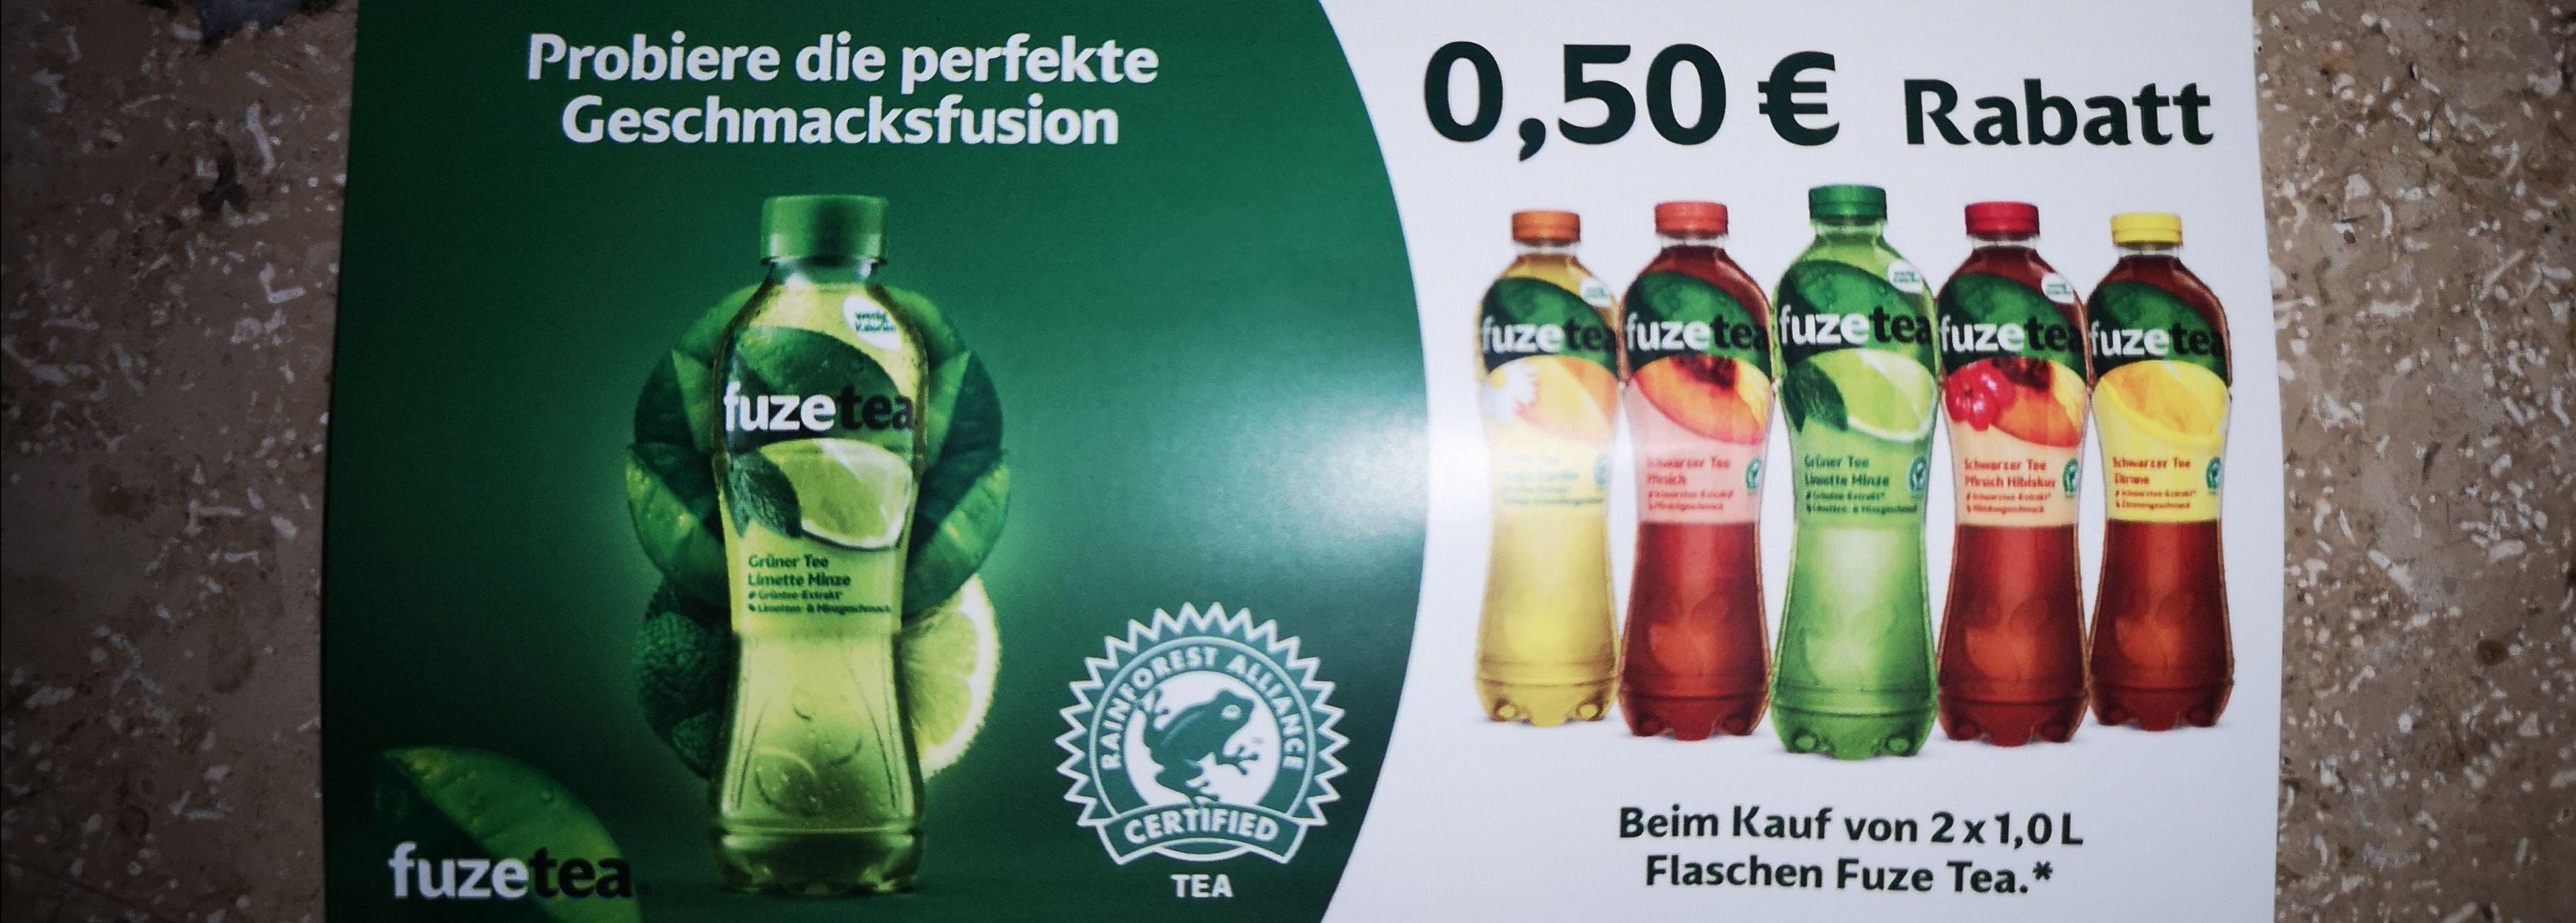 Fuze Tea: 0,50€ Rabatt auf 2x 1 Liter Flaschen